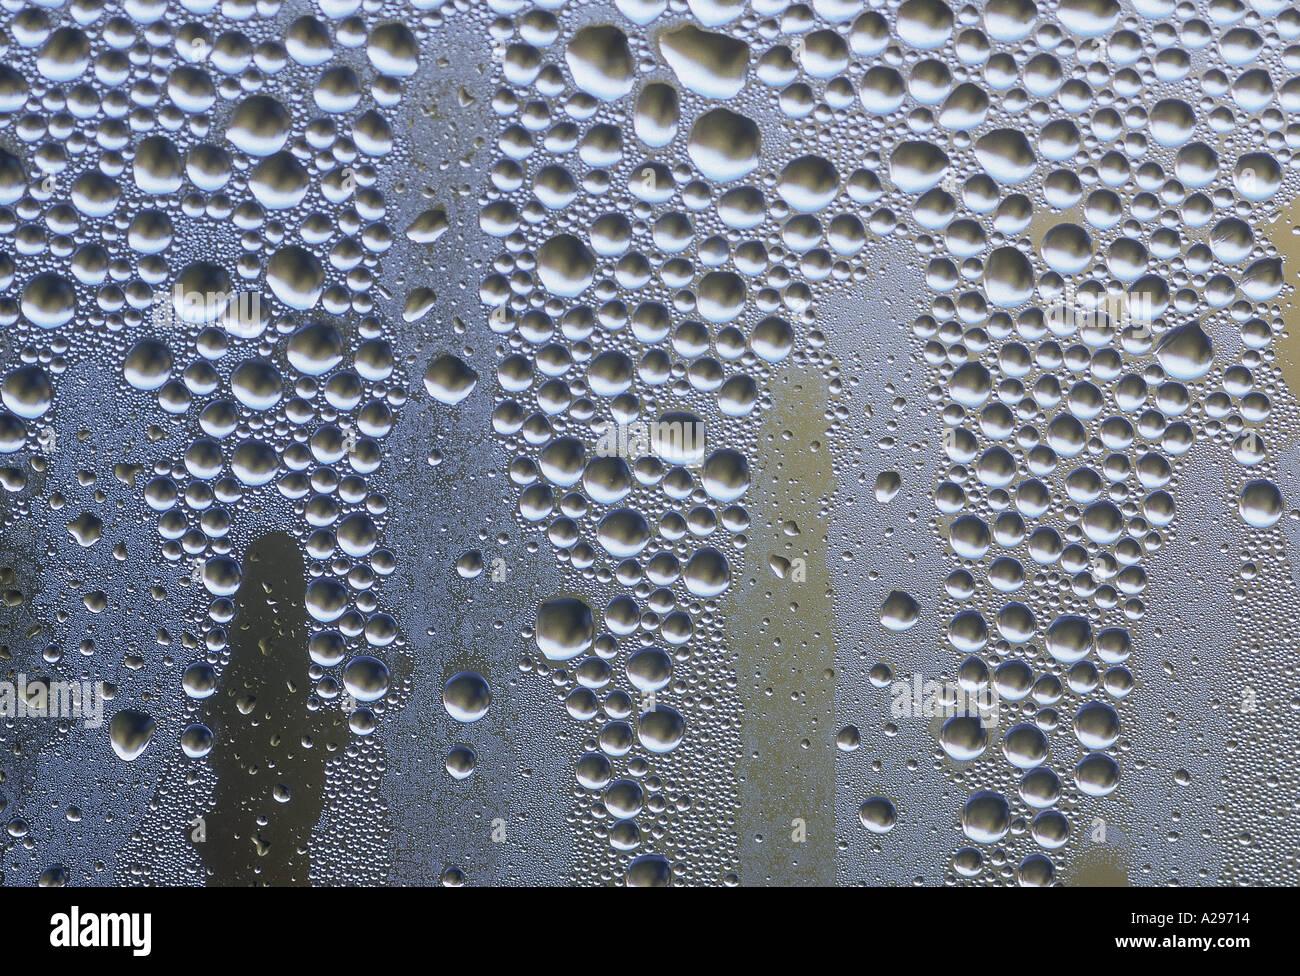 Près de condensation sur la fenêtre pour afficher la configuration des gouttelettes d'eau L Frost Photo Stock